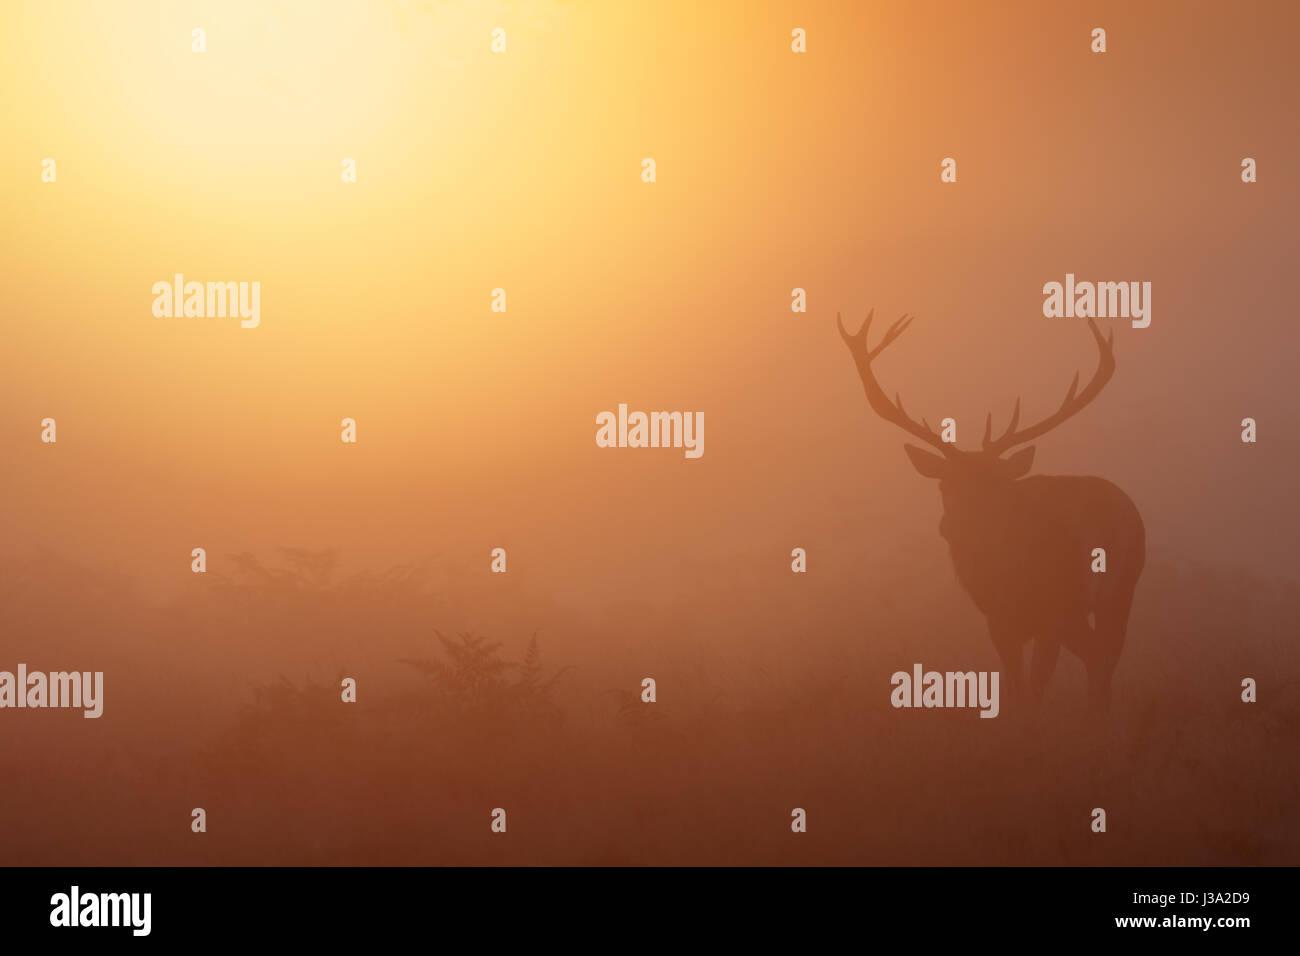 Red Deer rut (Cervus elaphus) stag roaming on a golden misty foggy morning mist or fog - Stock Image